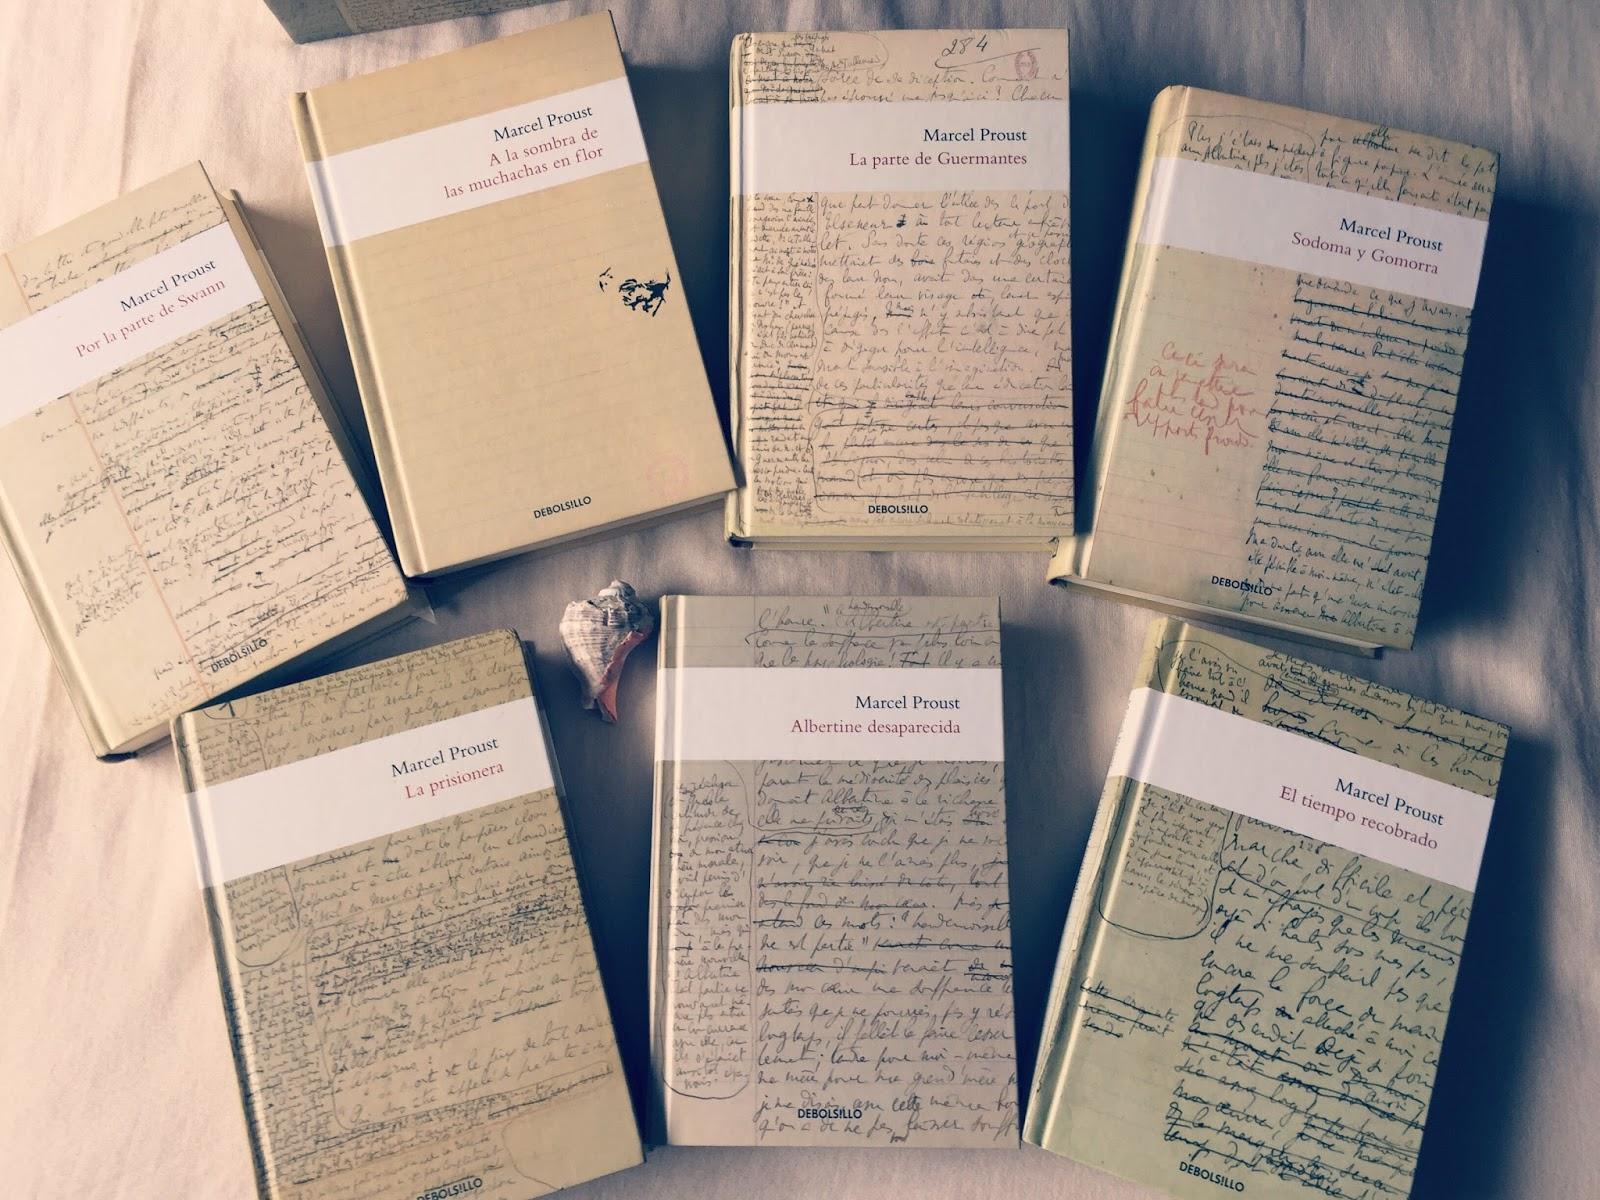 Una vida de novela en busca del tiempo perdido de for En busca del tiempo perdido